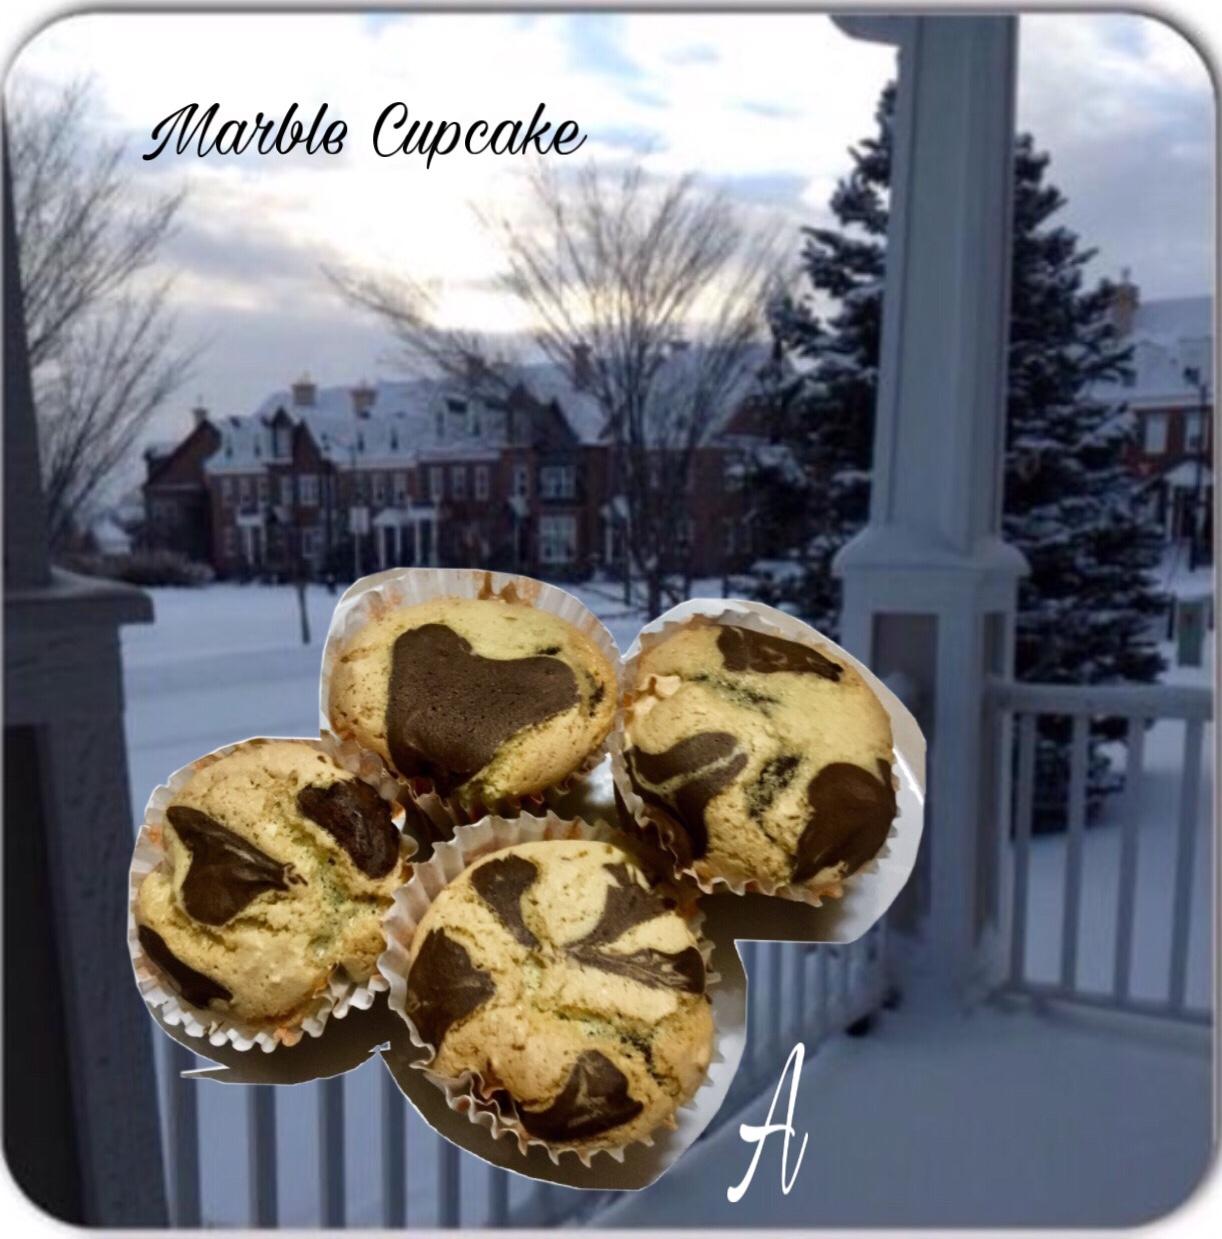 Resep Marble Cupcake